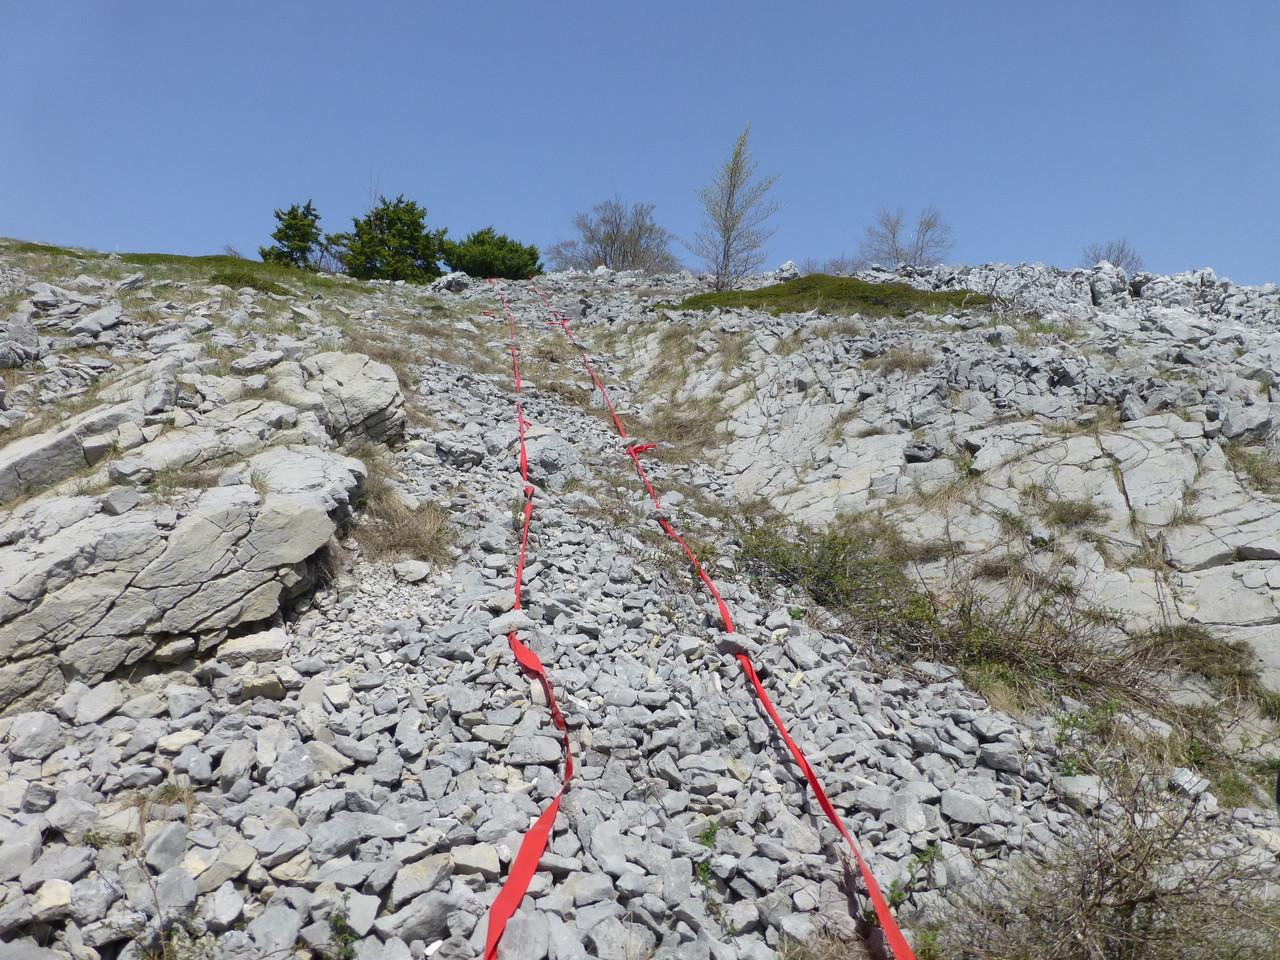 am Übergang zu Sveti Rok überall noch Minengefahr